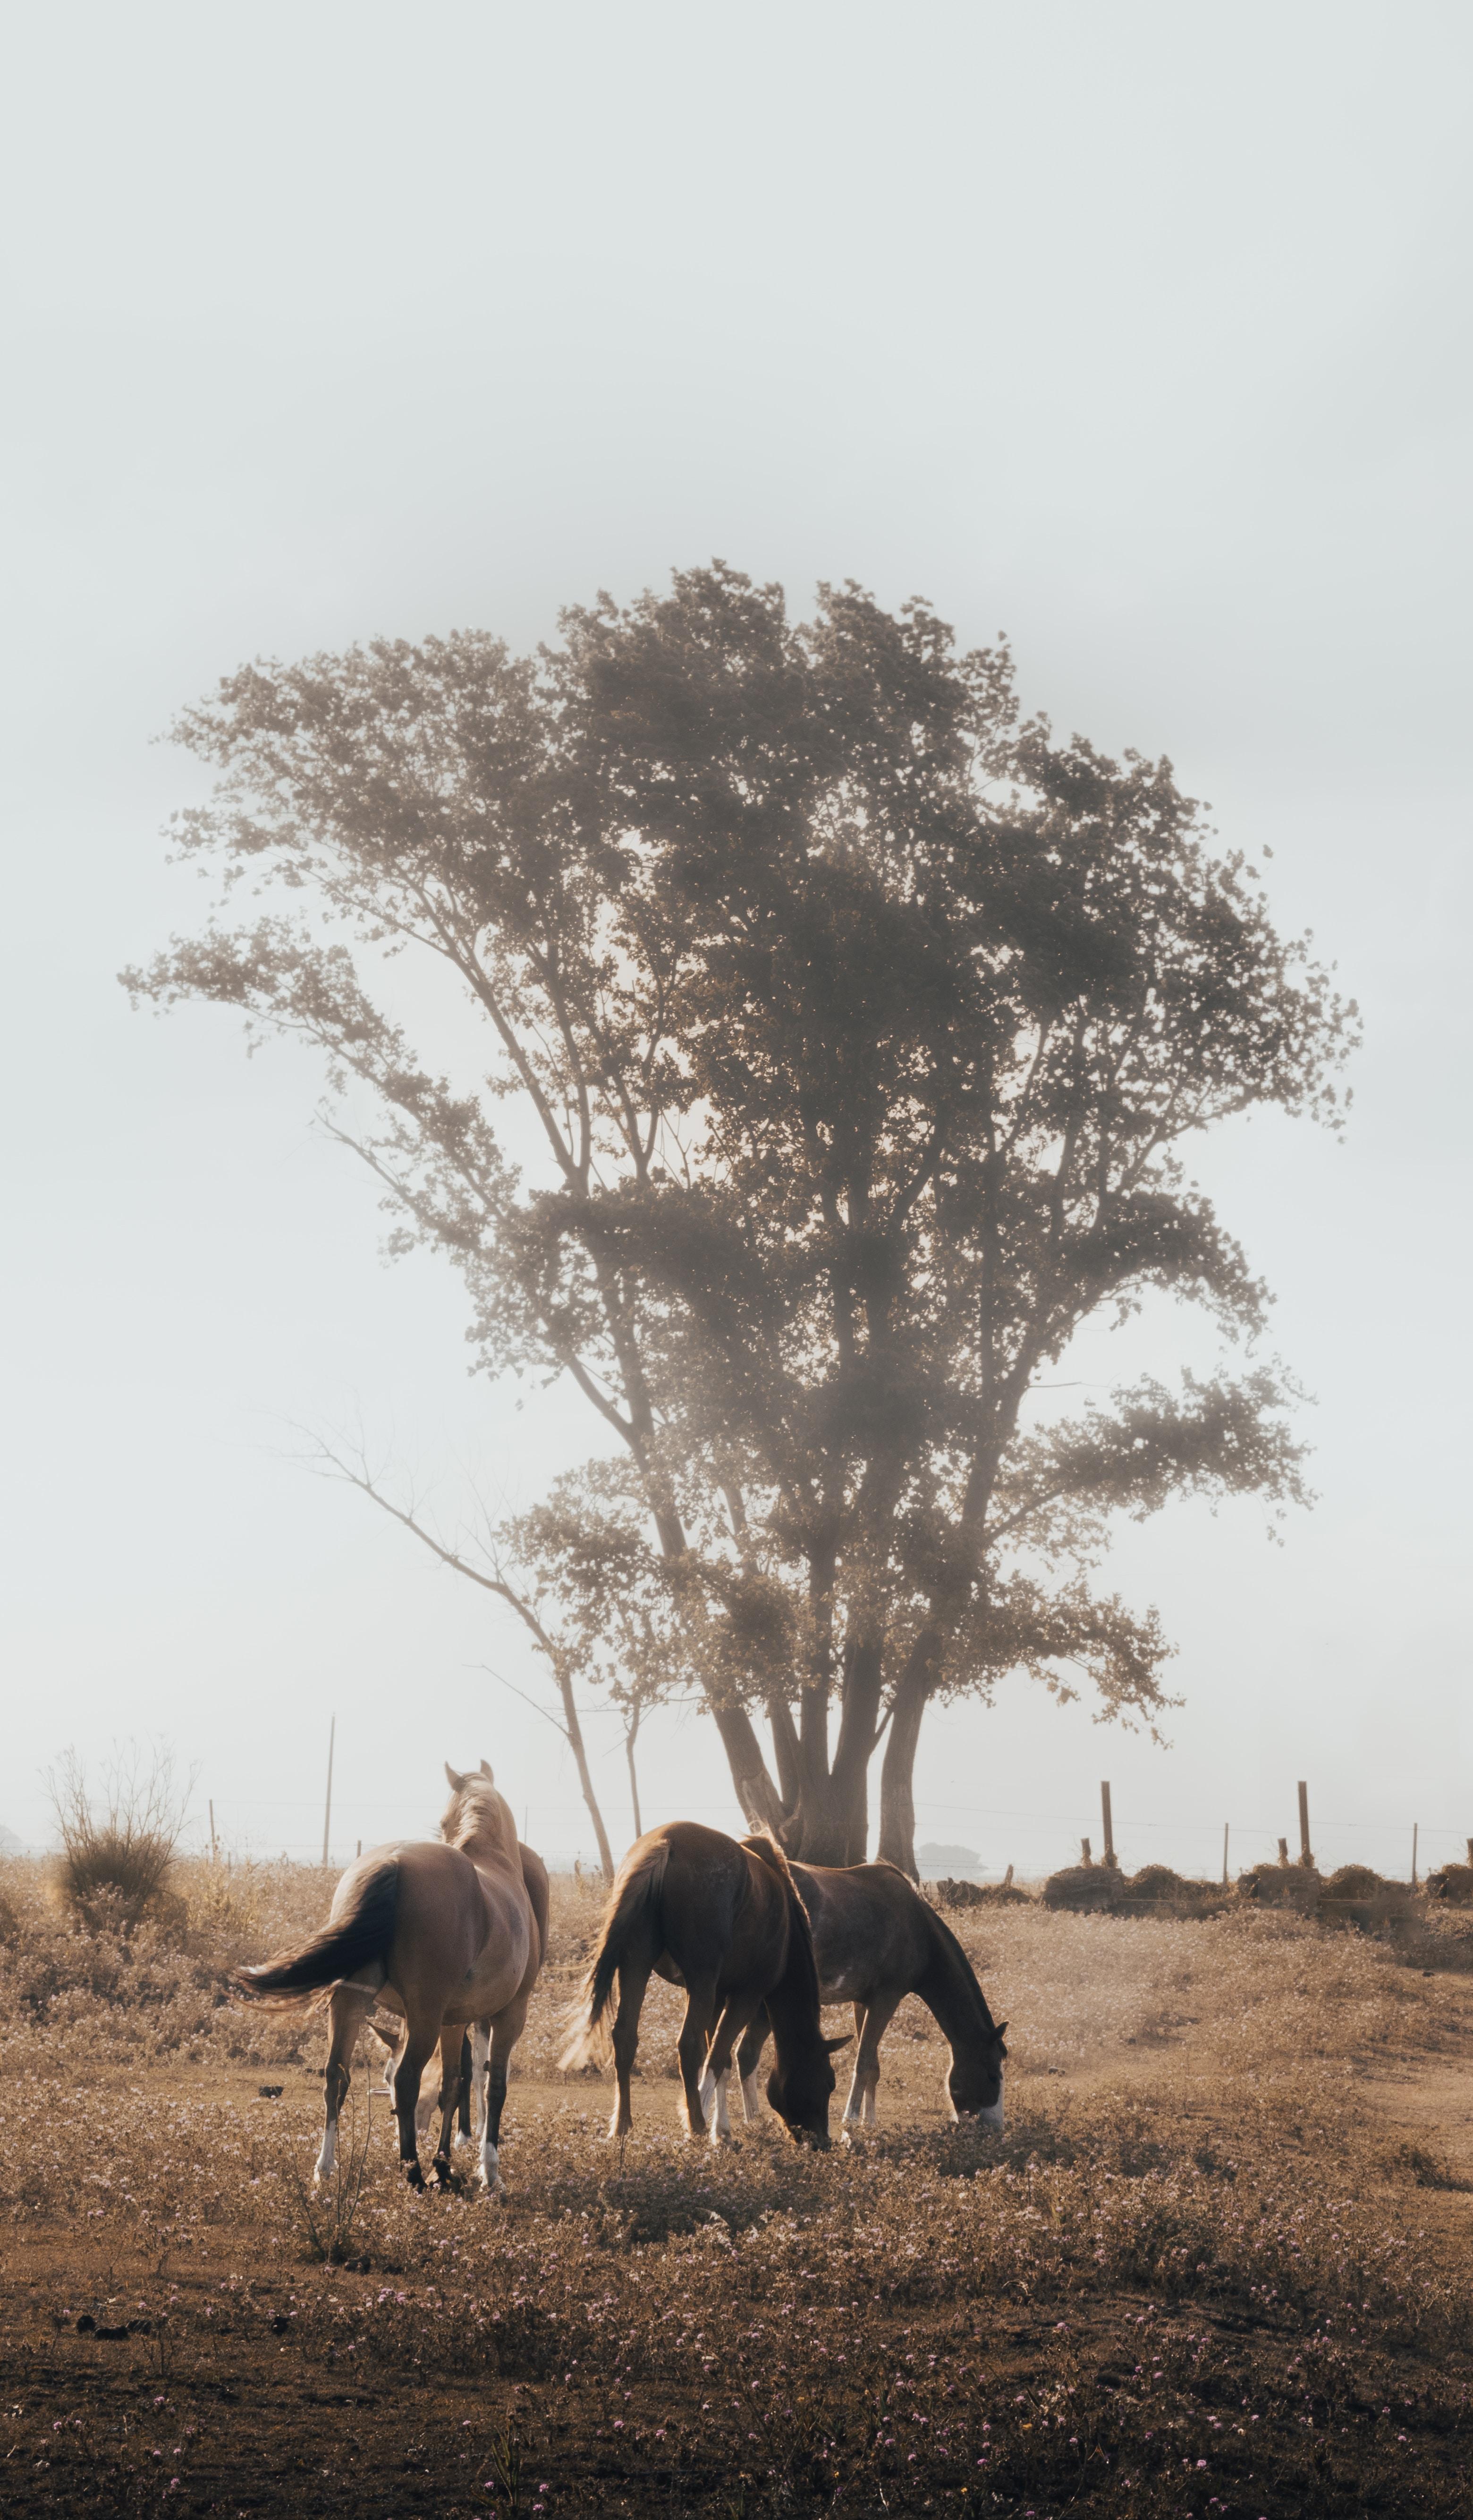 119729 Hintergrundbild 1080x1920 kostenlos auf deinem Handy, lade Bilder Tiere, Natur, Pferde, Holz, Baum, Weide 1080x1920 auf dein Handy herunter